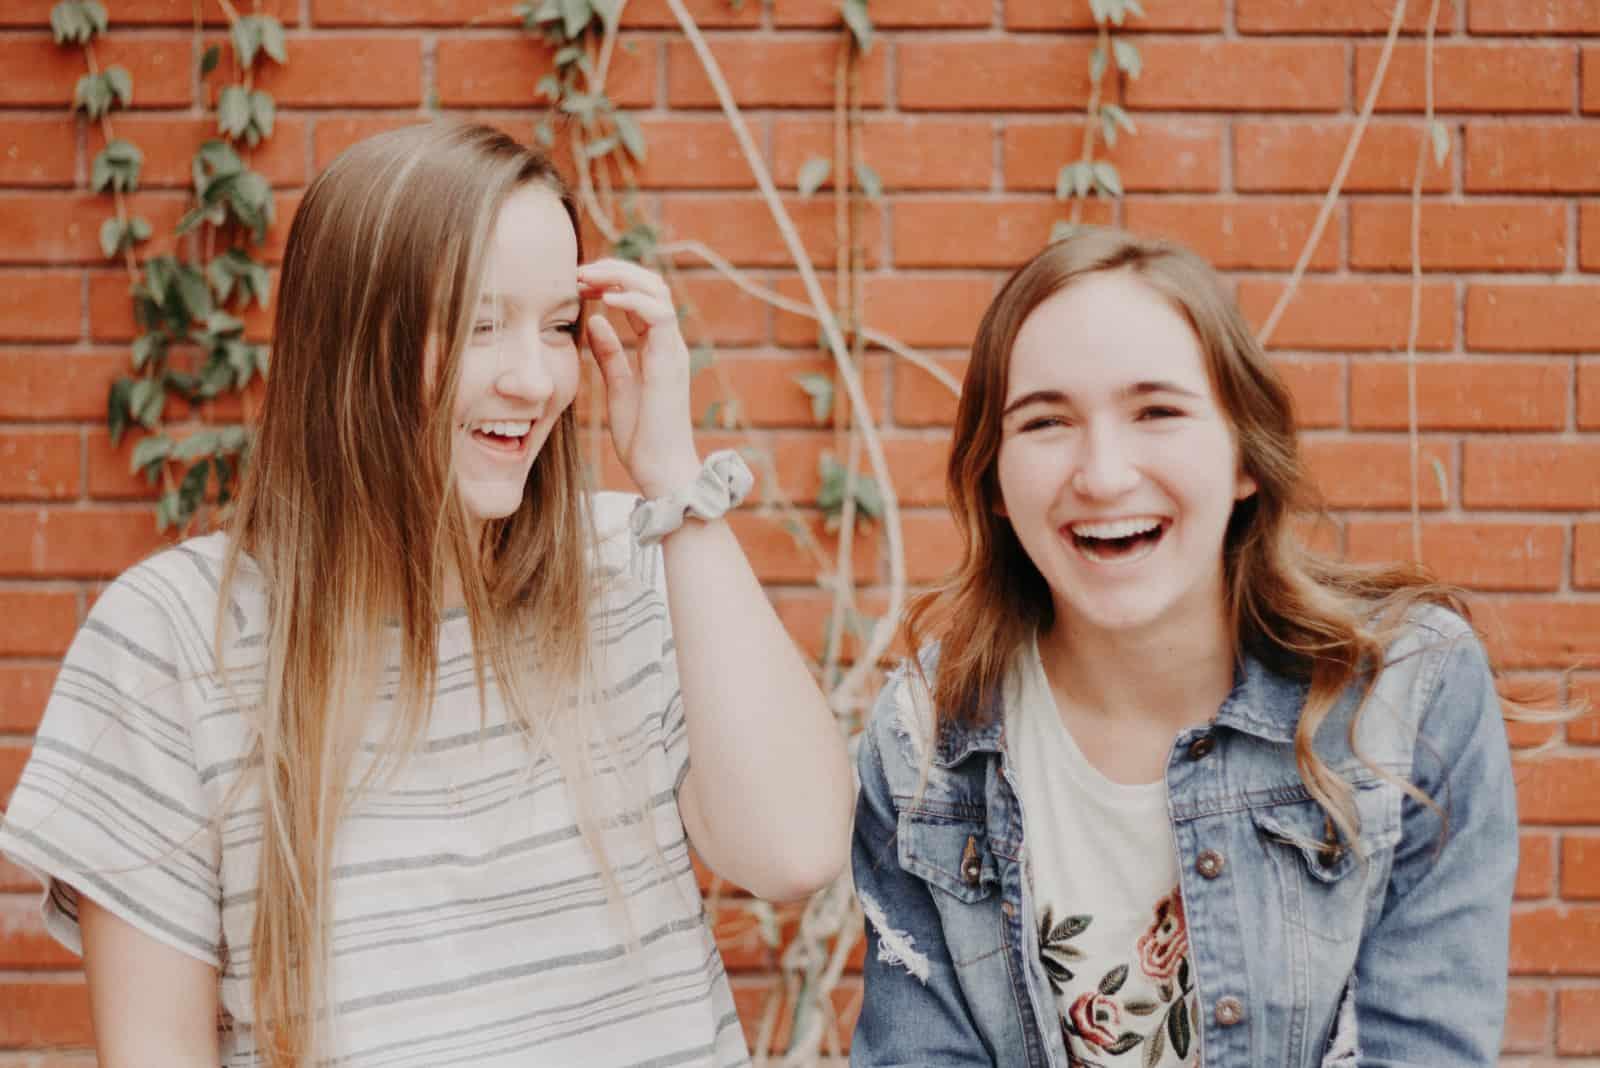 deux femmes sourient en se tenant près d'un mur